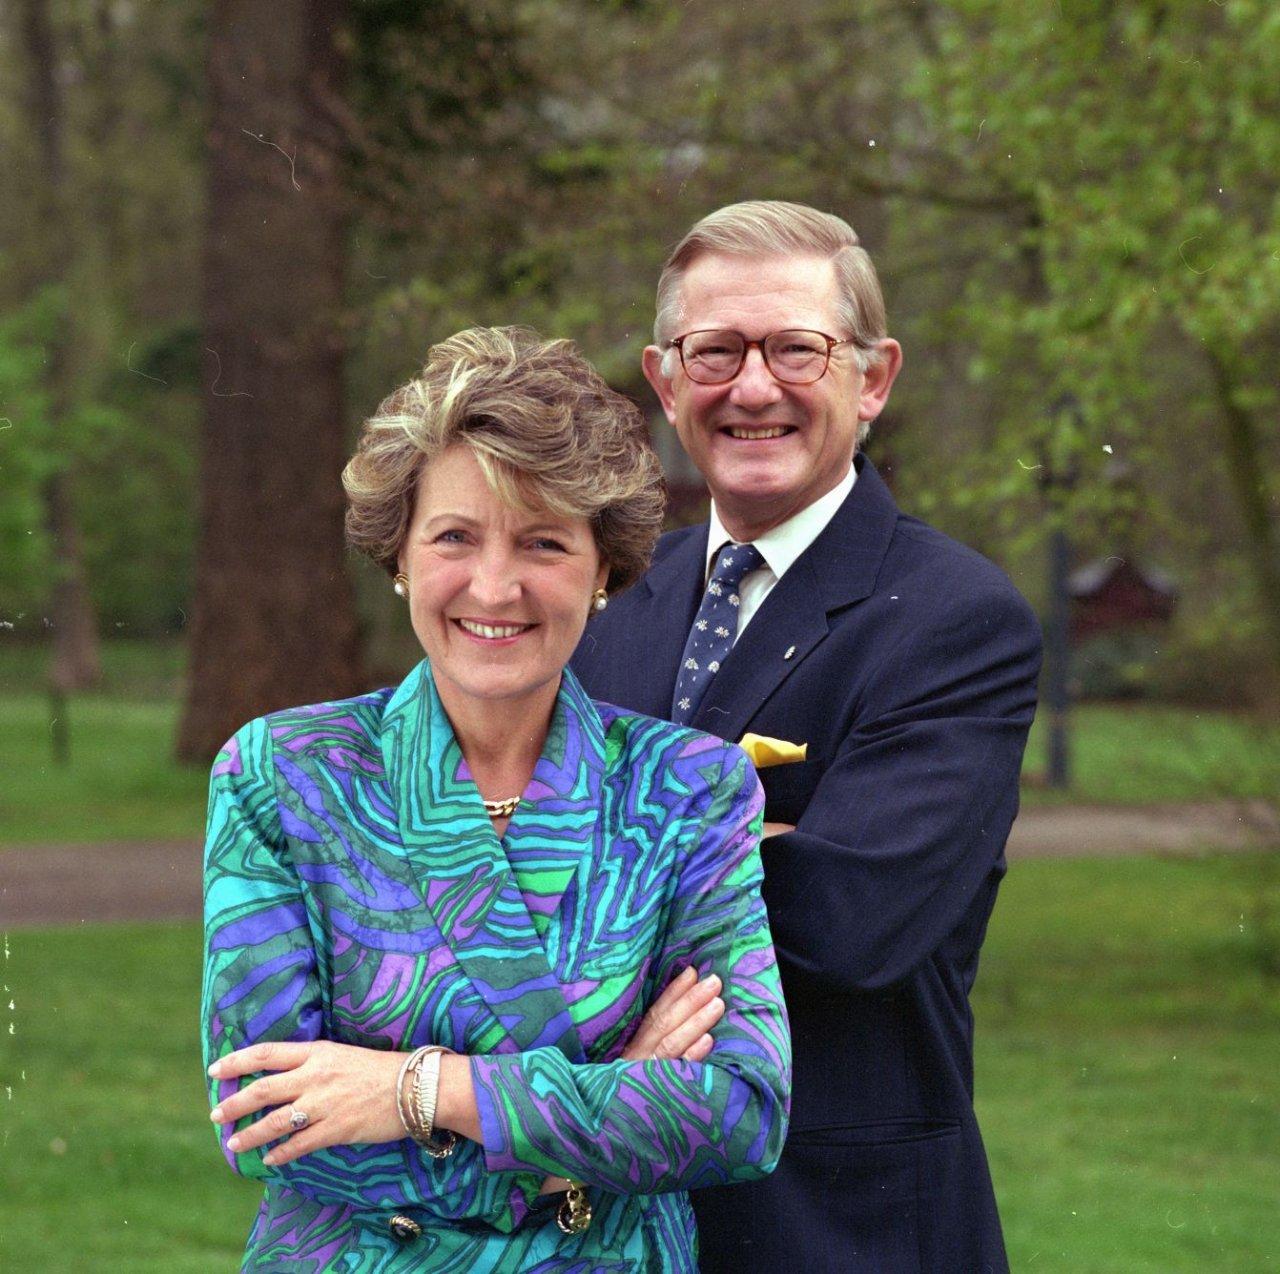 margriet en pieter 40 jaar getrouwd In beeld: Margriet en Pieter 50 jaar getrouwd   IV | De Oranjes margriet en pieter 40 jaar getrouwd